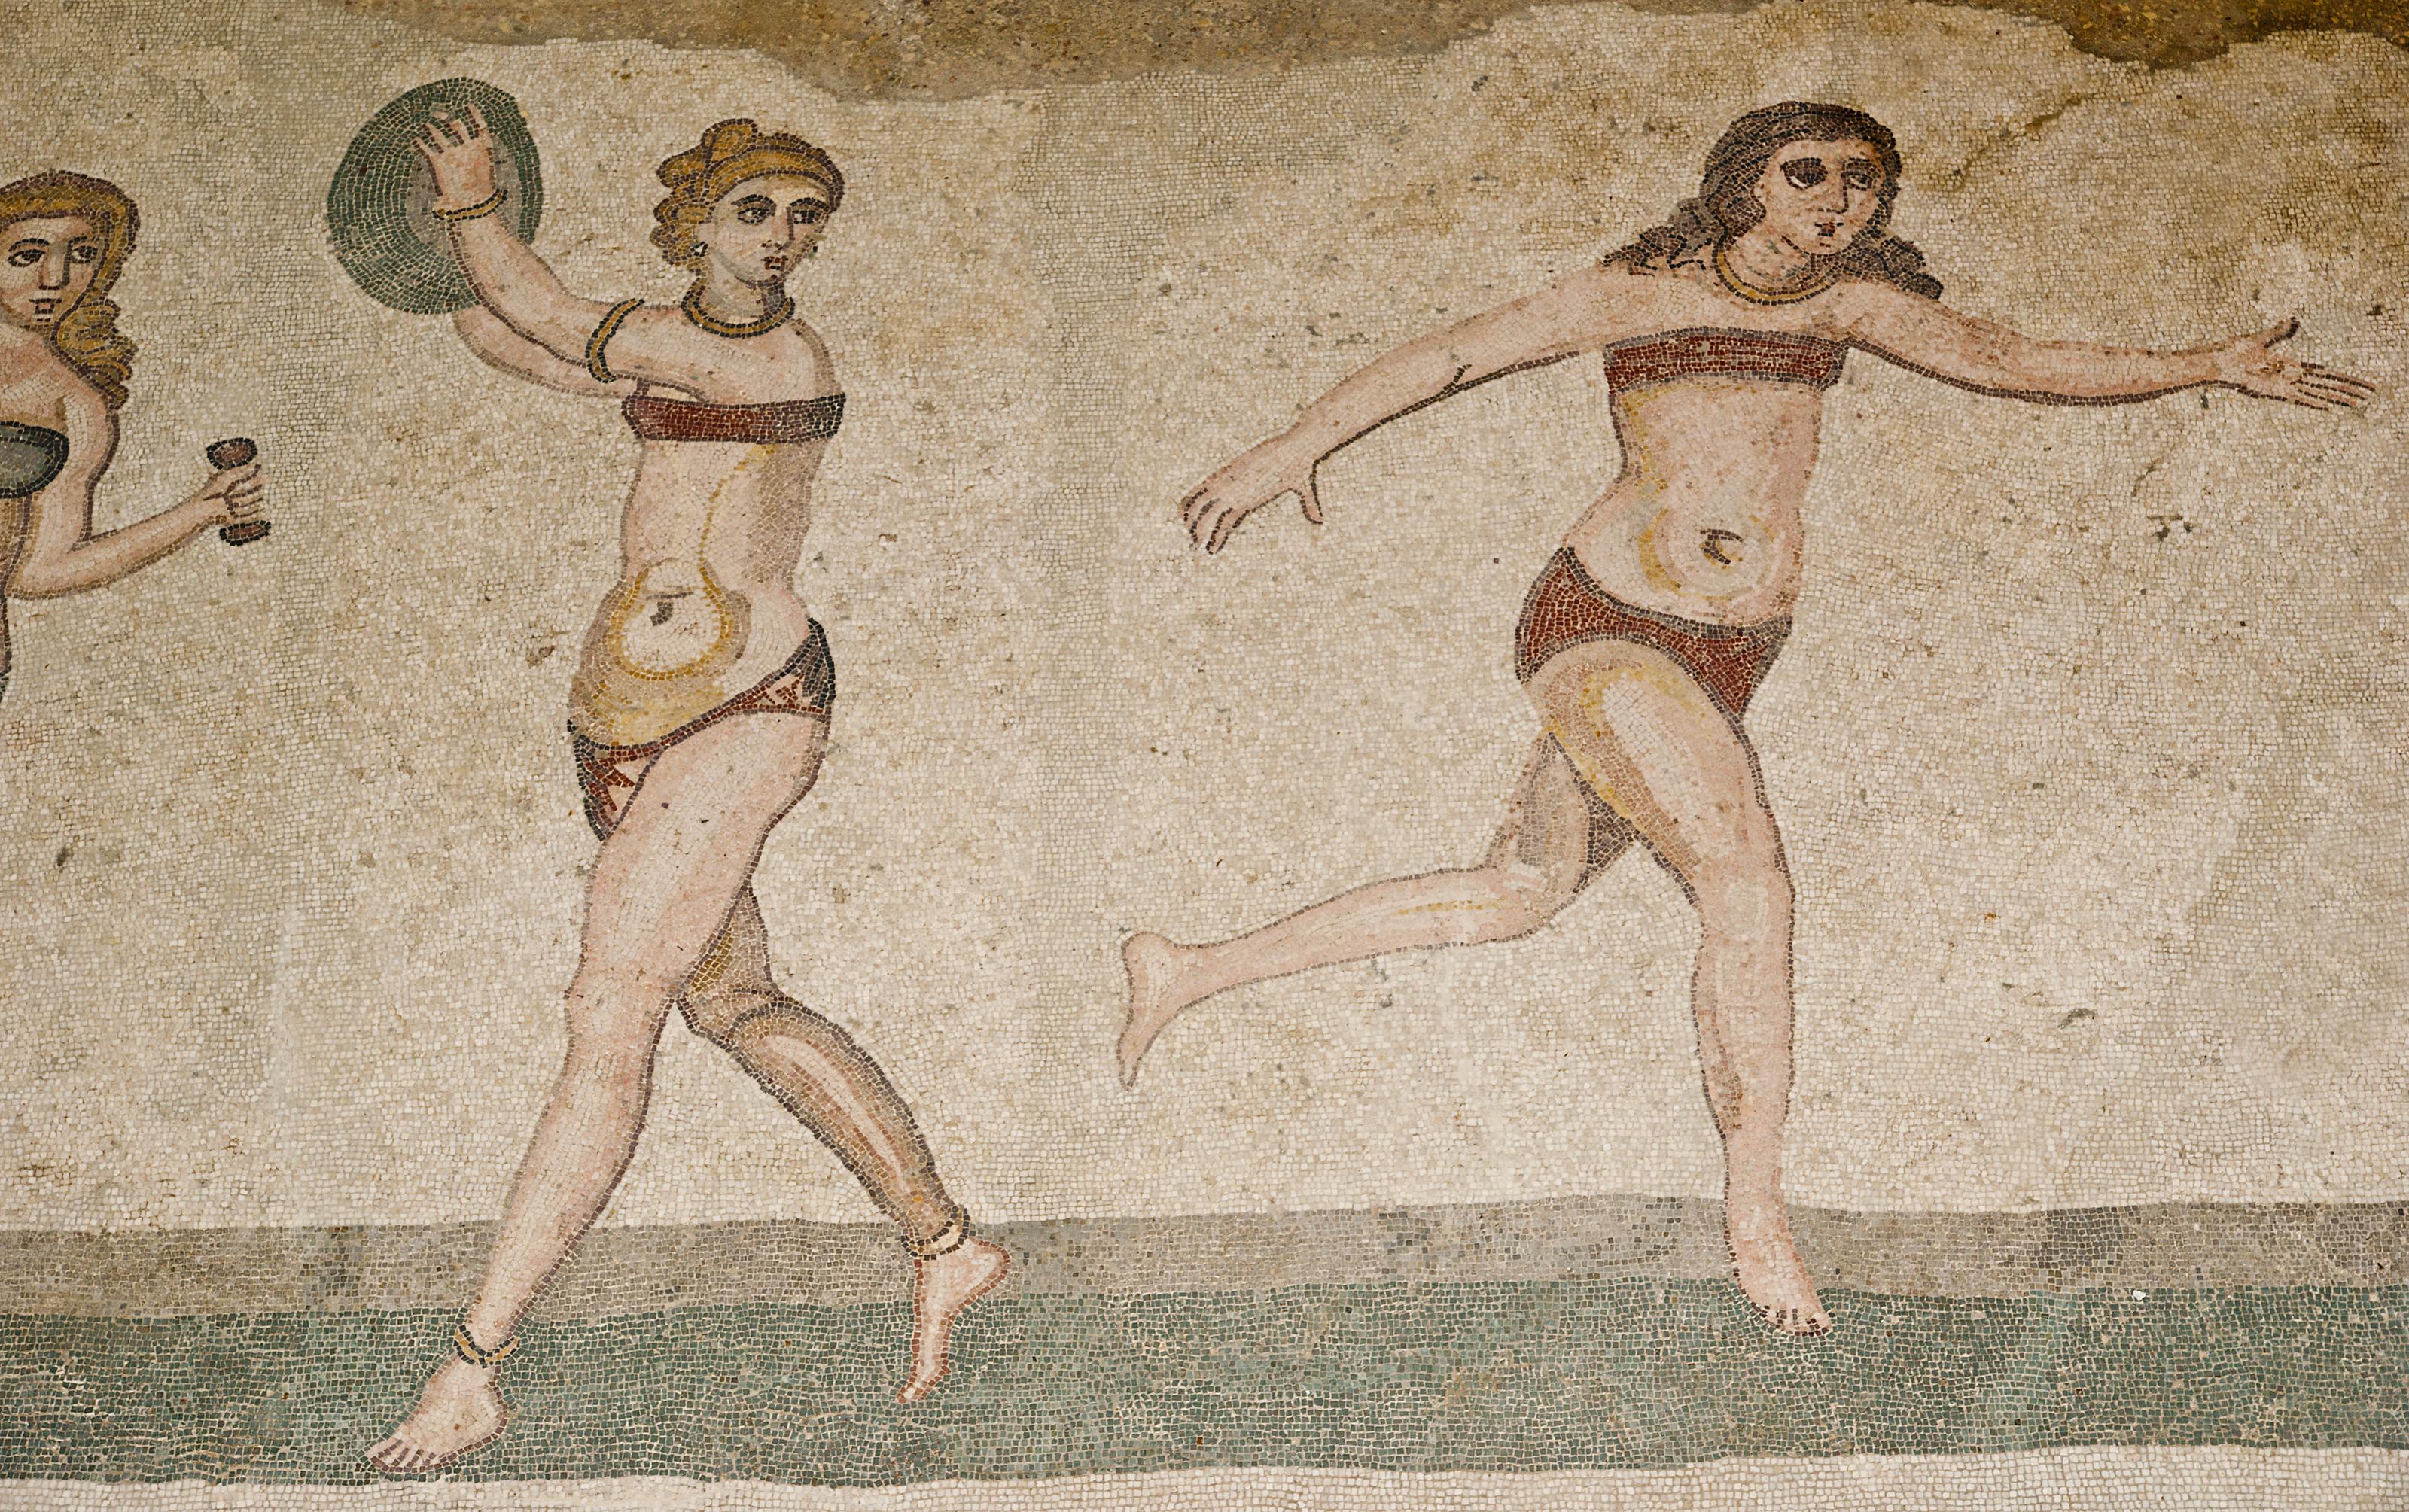 Visita la fabulosa Villa Romana del Casale, Patrimonio de la Humanidad - Italia Circuito Sicilia Clásica y Nápoles